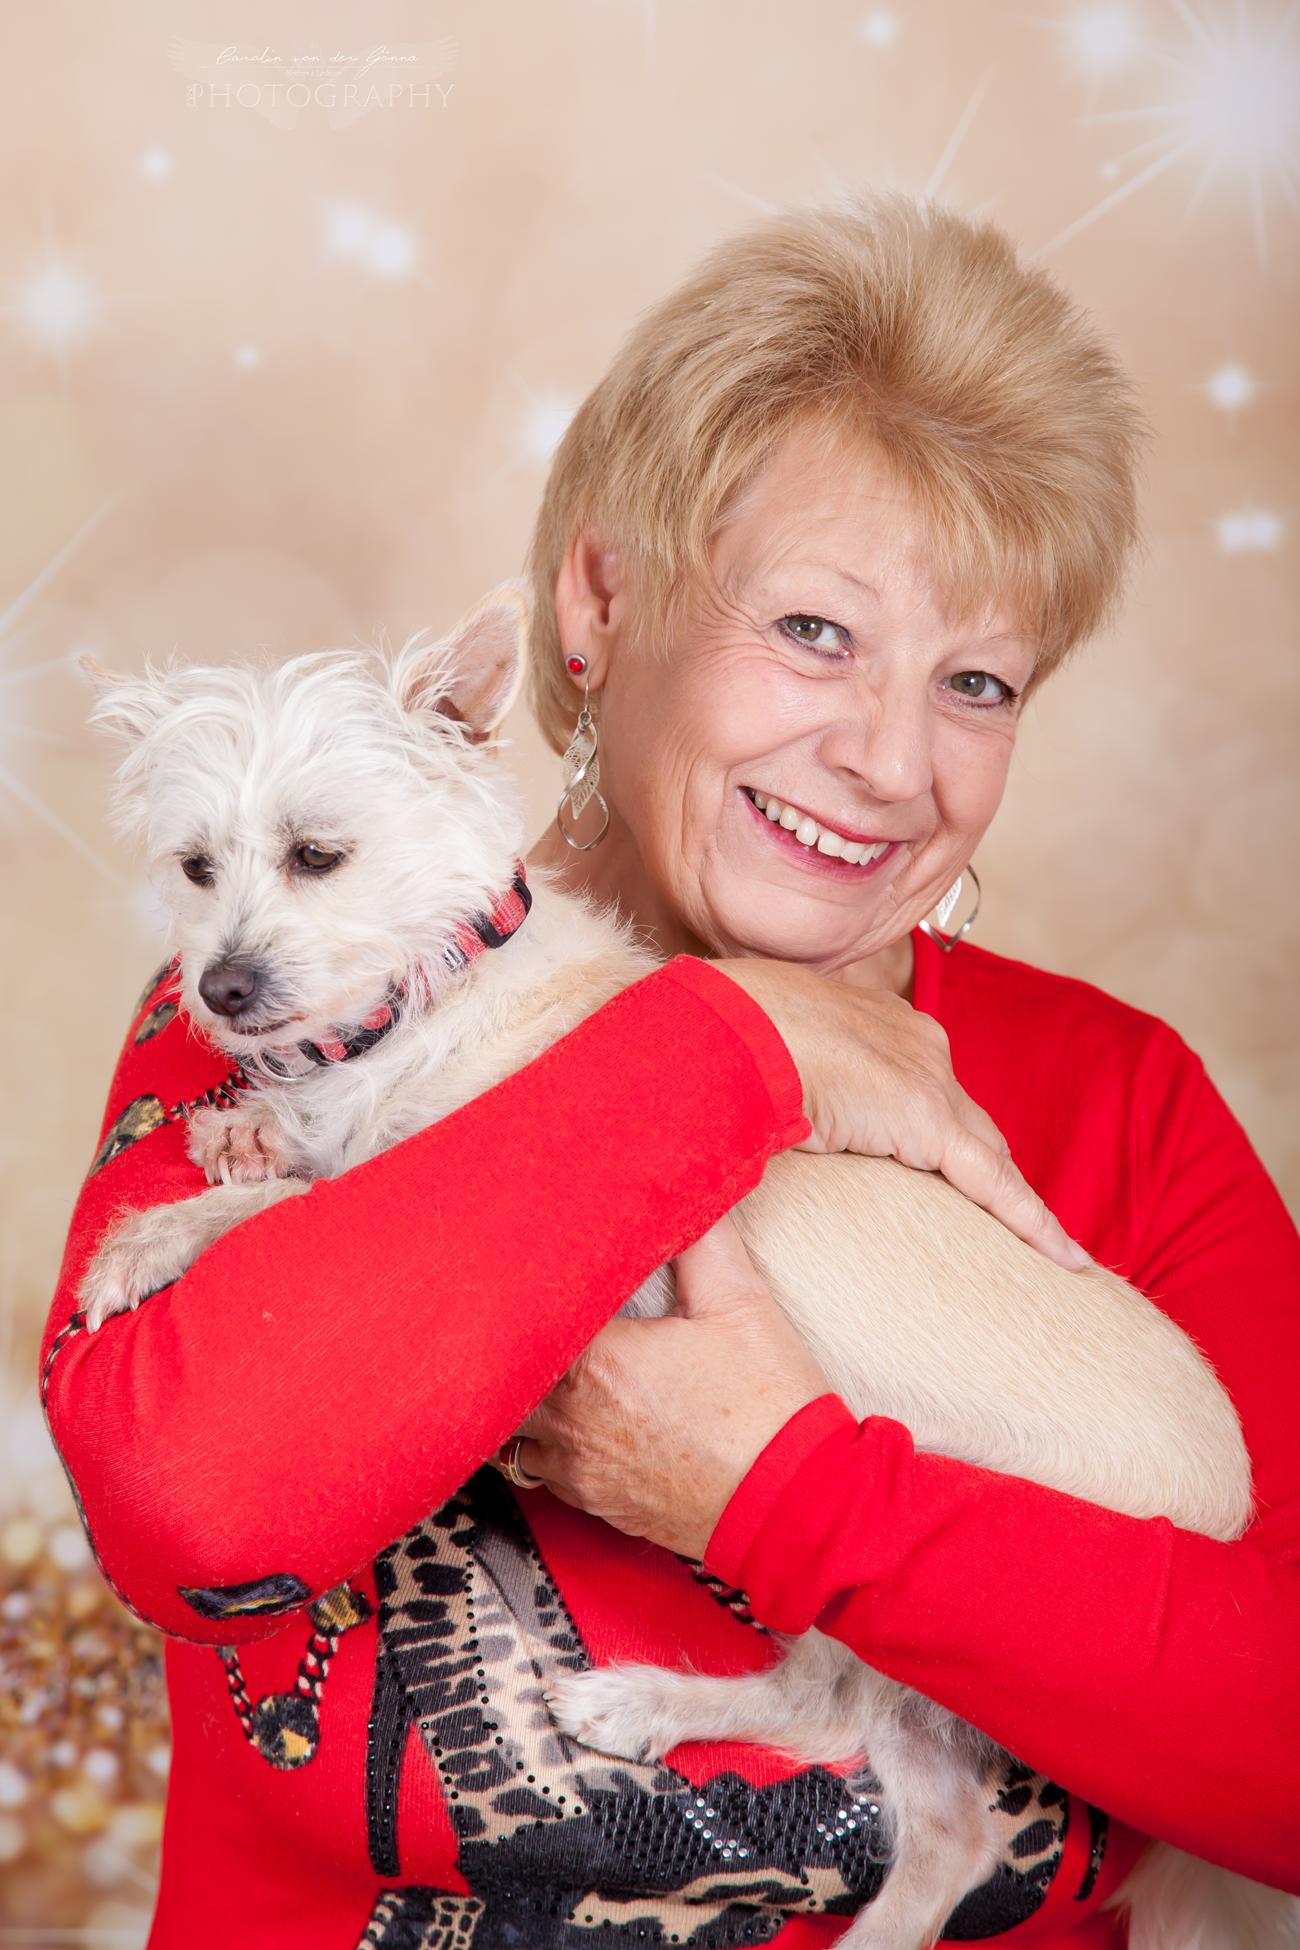 Auch für Fotoshootings mit Haustieren dürft ihr mich gern anfragen